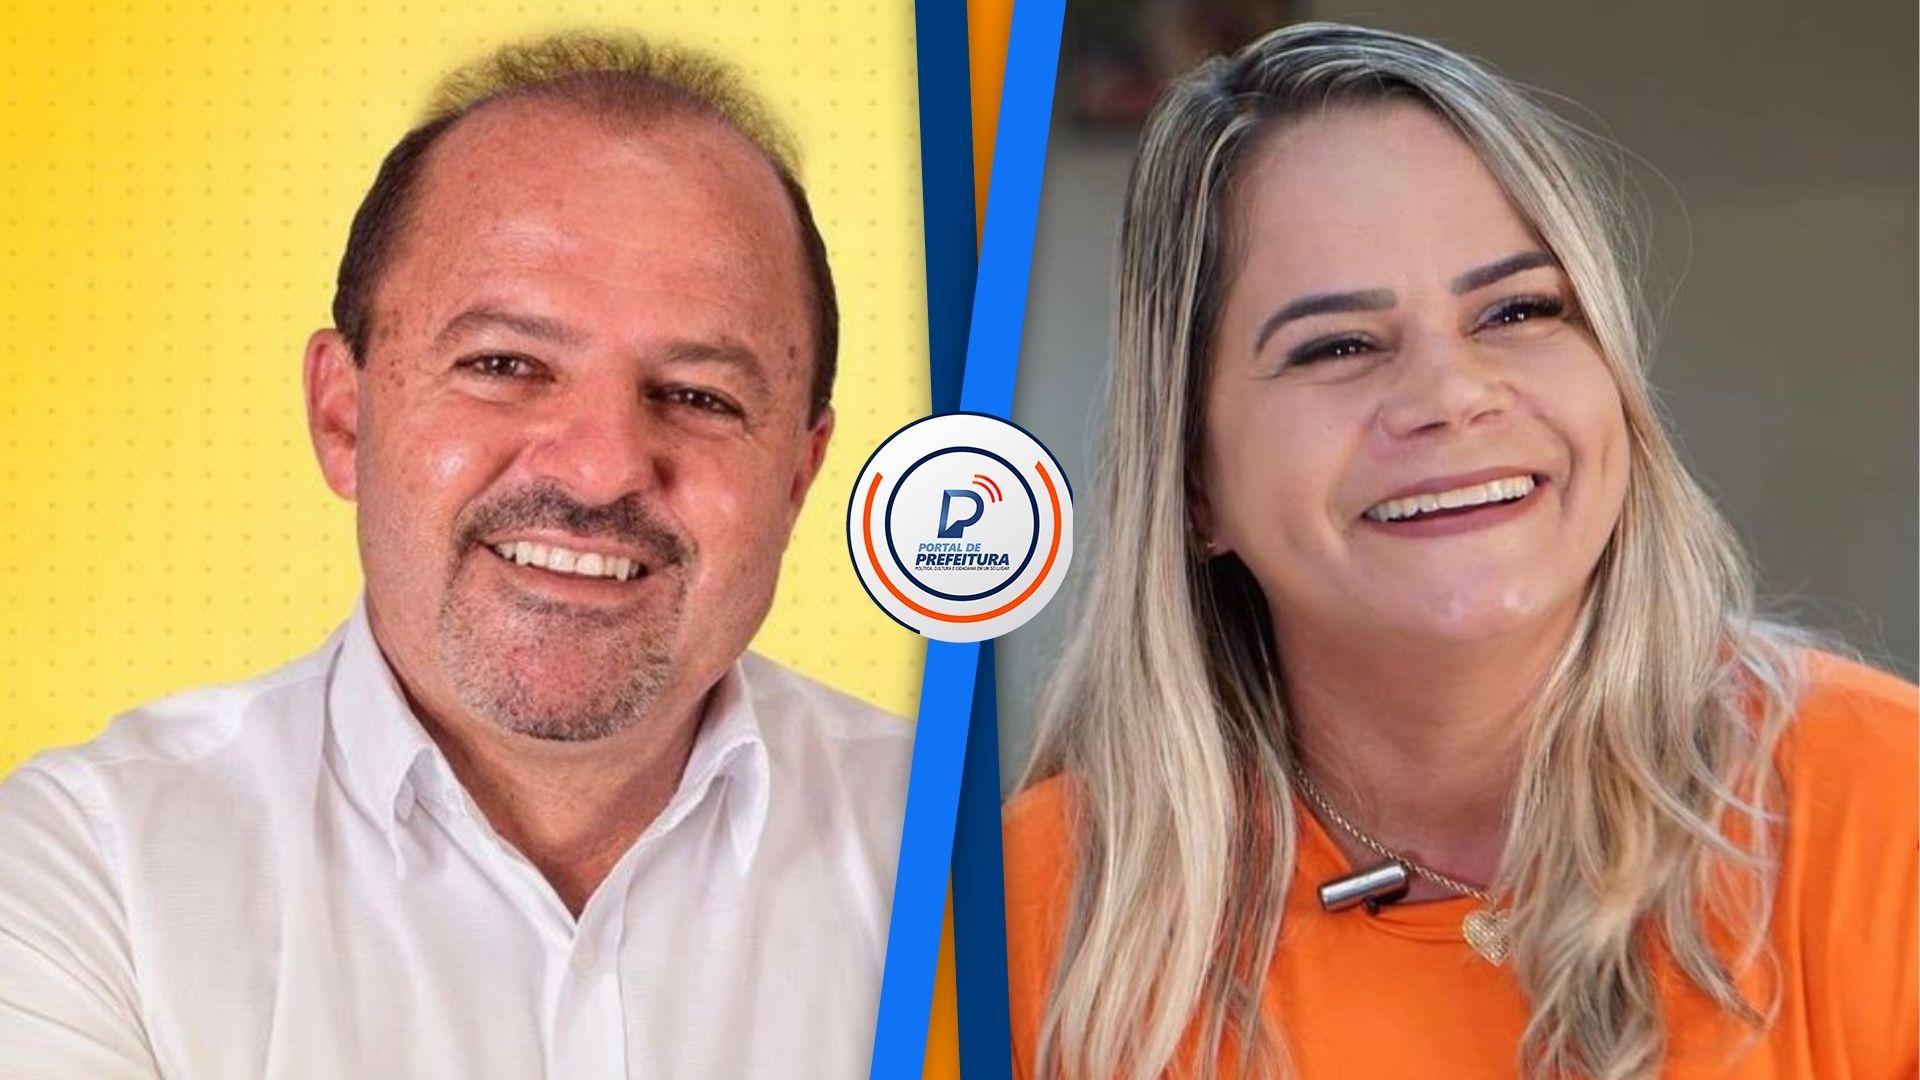 Nêgo do Mercado e Delegada Thatianne Macedo são eleitos prefeitos em Capoeiras e Palmeirina, no Agreste de Pernambuco